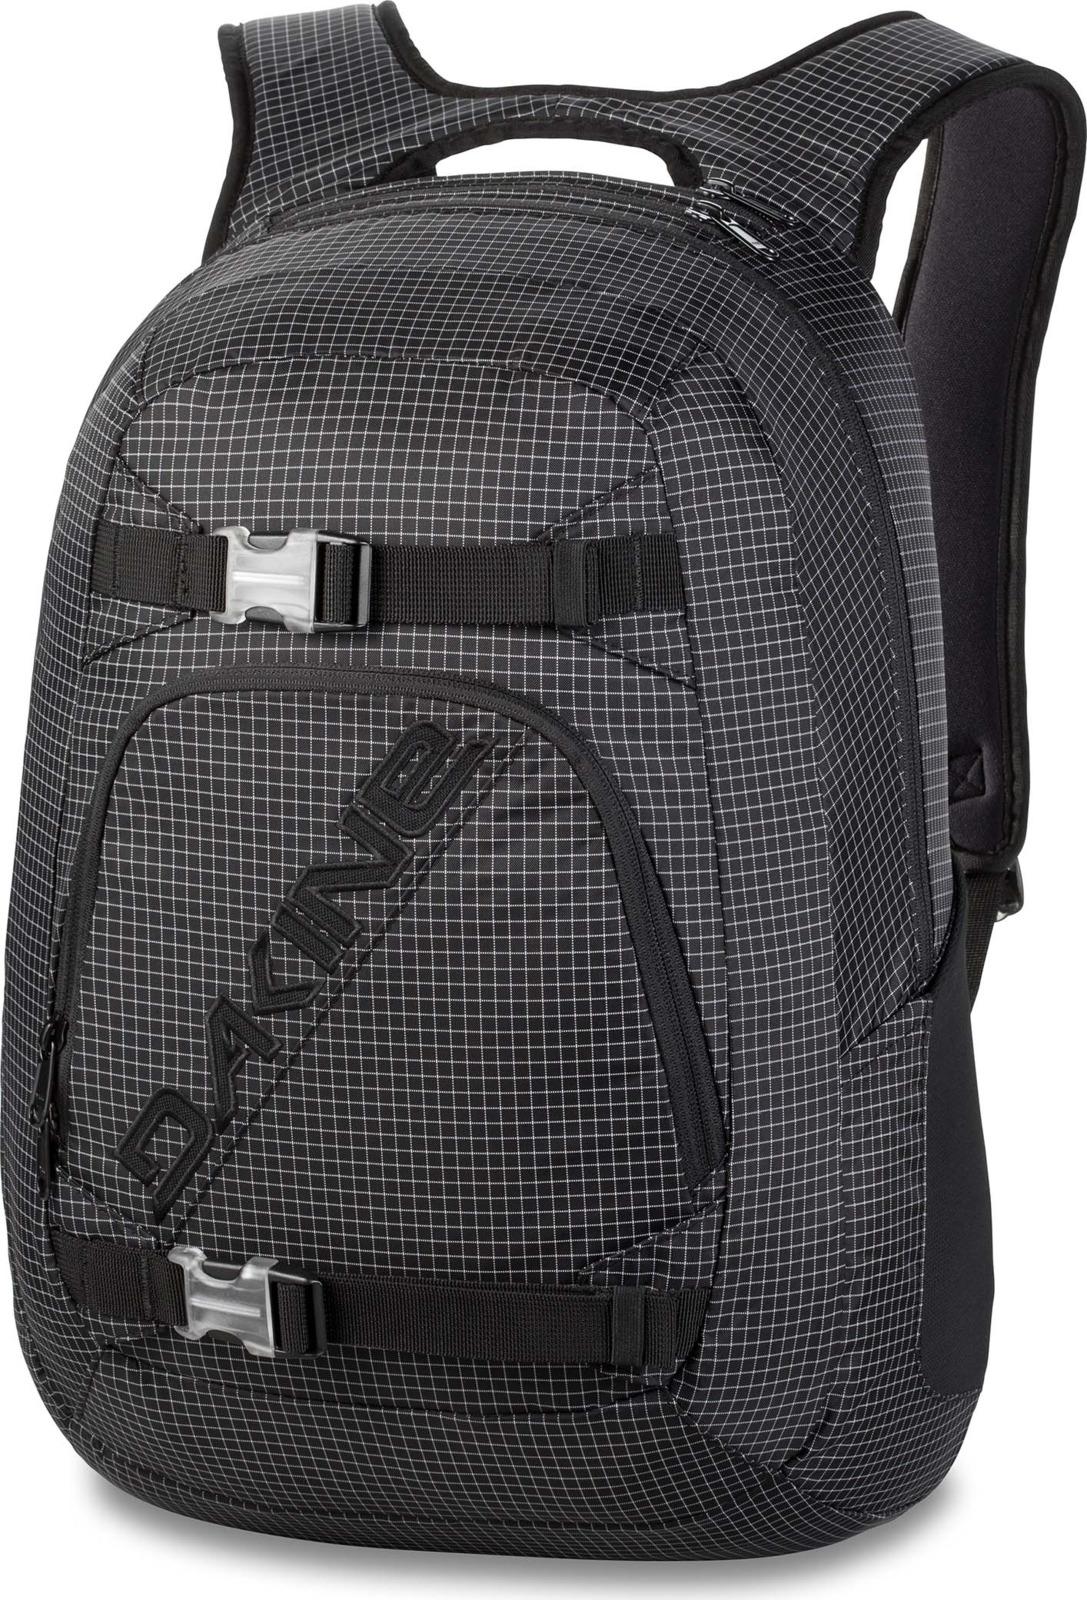 Рюкзак Dakine Explorer, цвет: черный в клетку, 26 л пиджак moschino пиджак